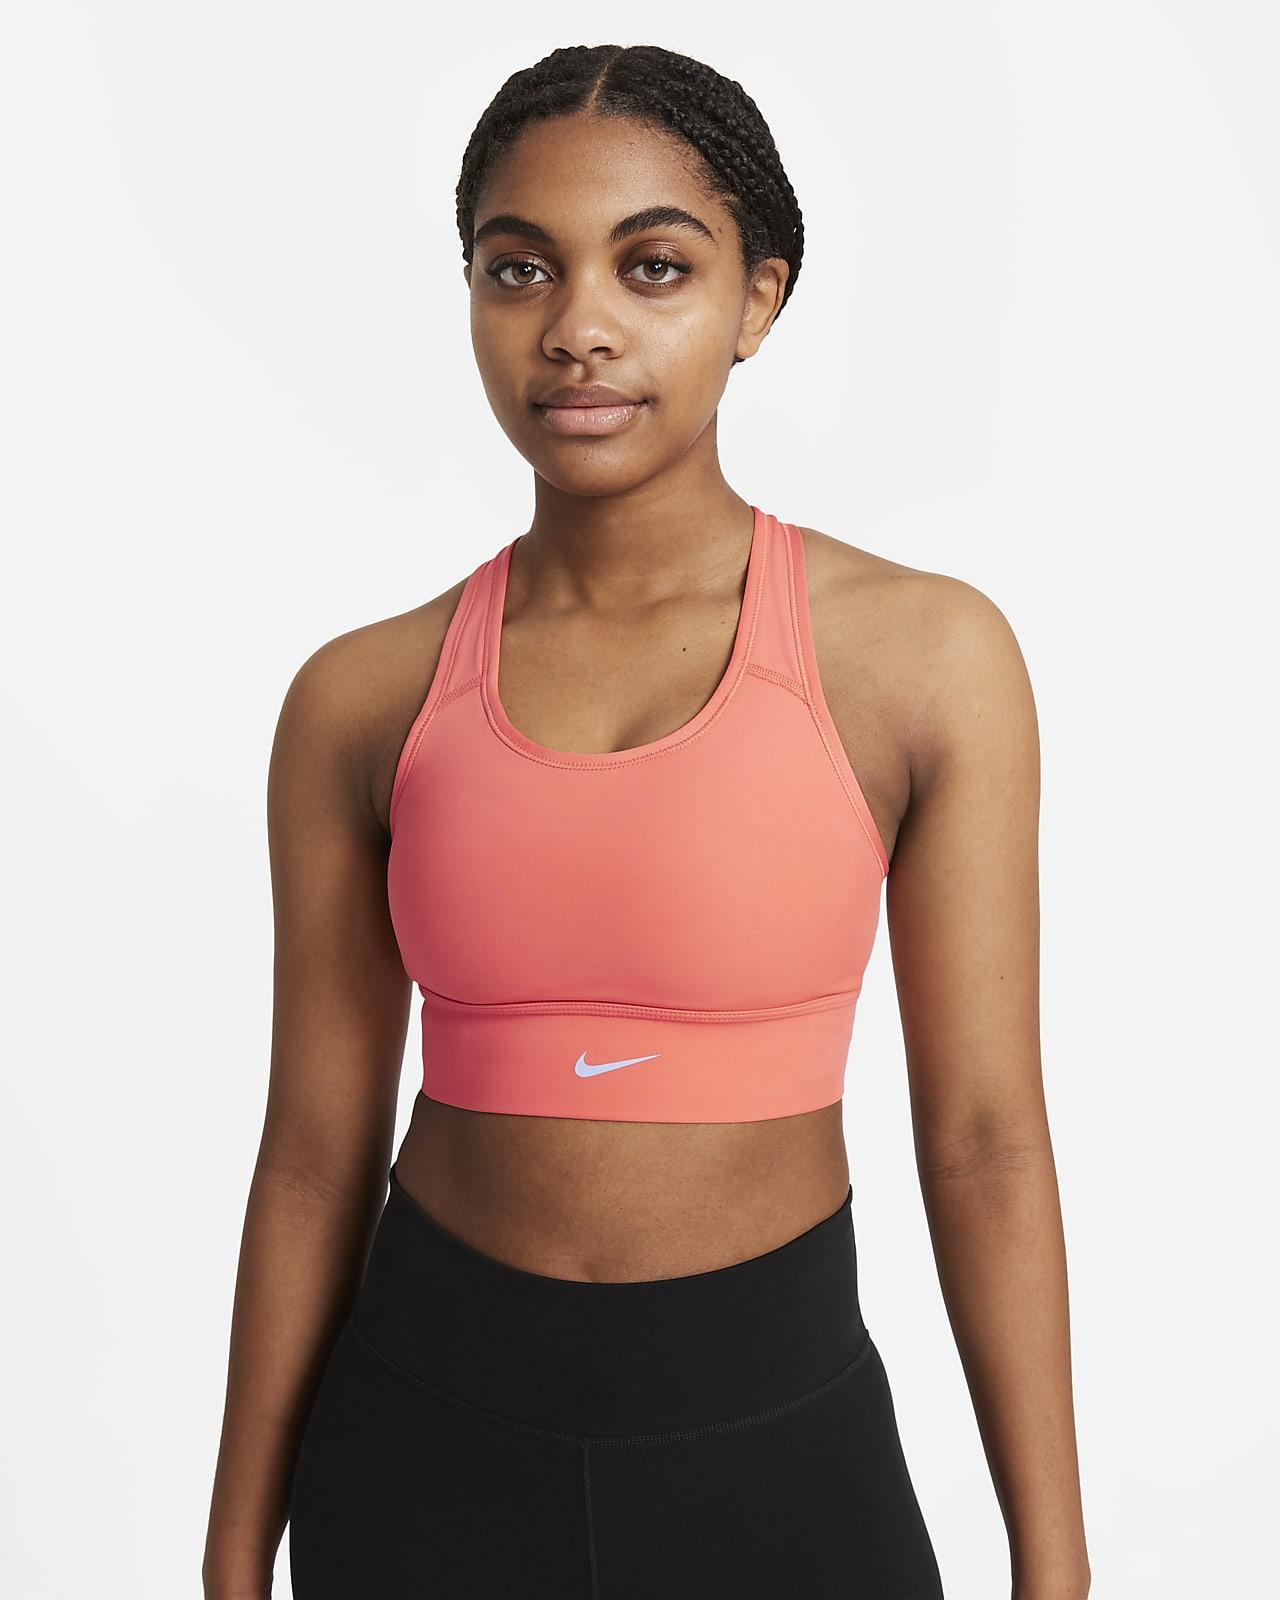 Спортивное бра с удлиненной конструкцией, цельным вкладышем и средней поддержкой Nike Dri-FIT Swoosh